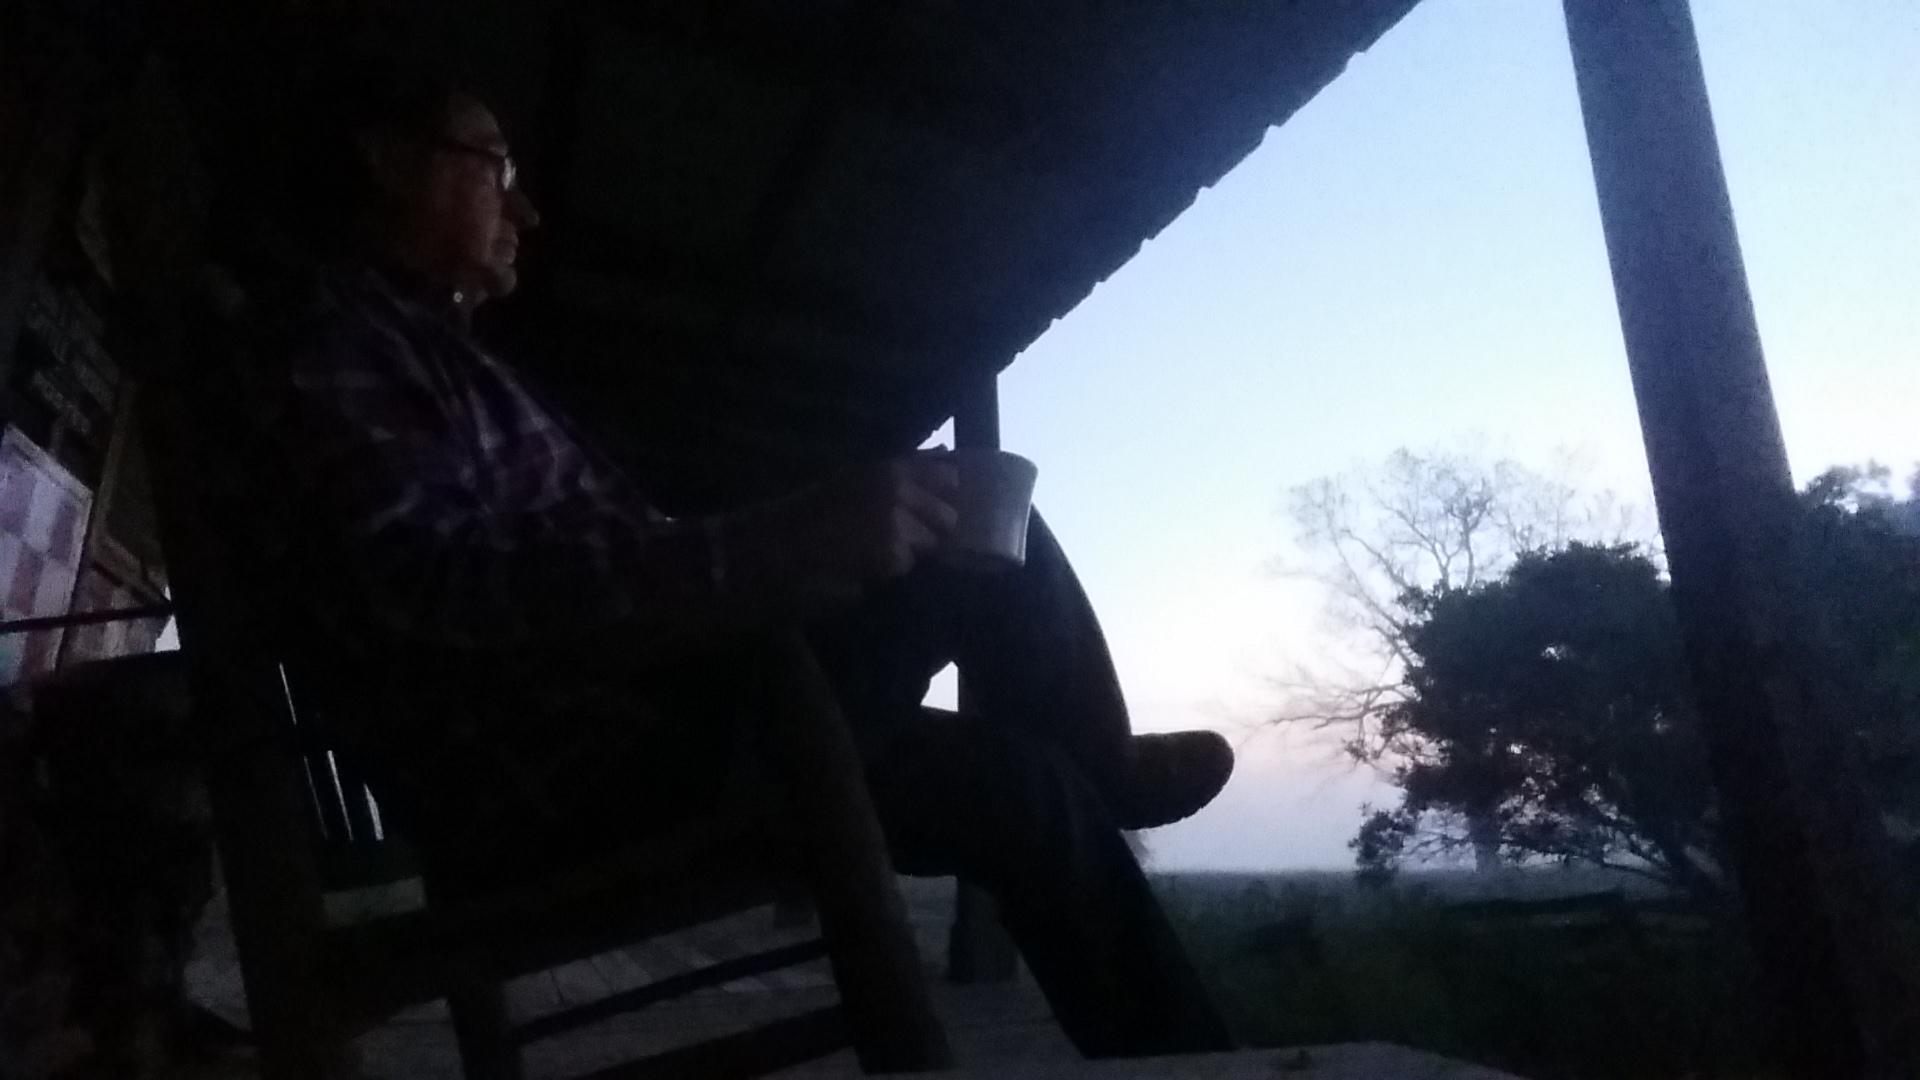 dawn4